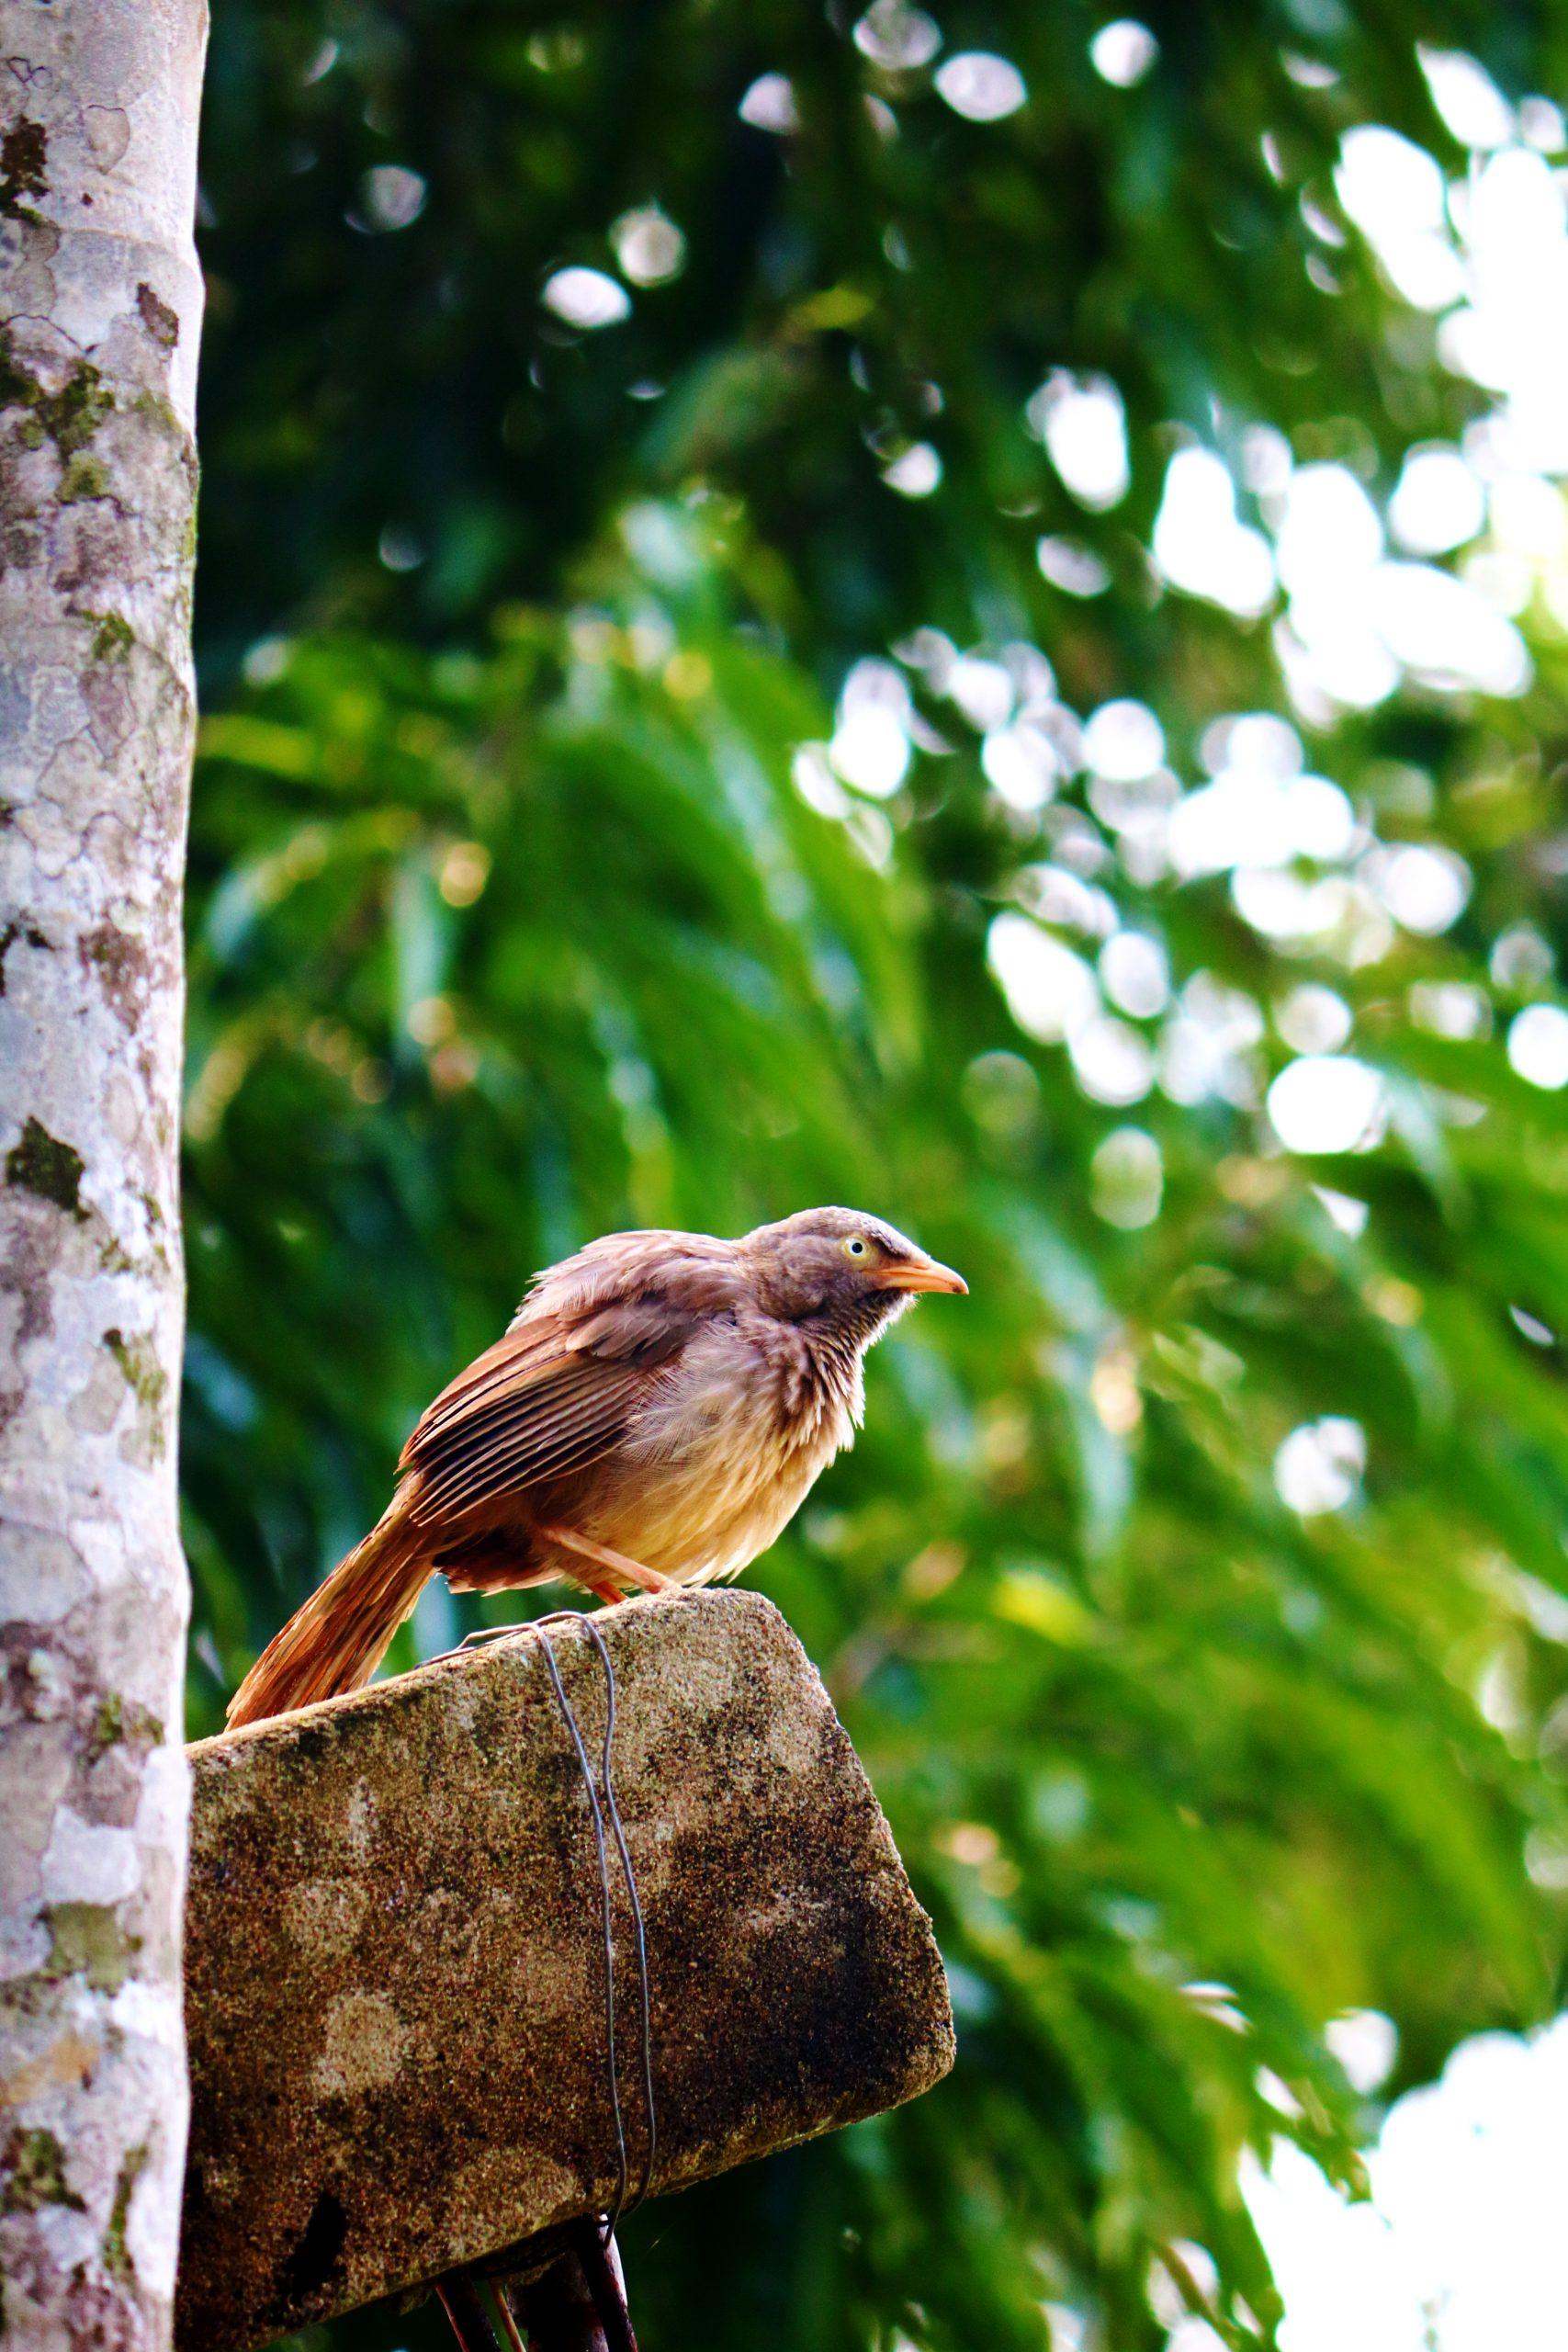 A sparrow sitting on a pole